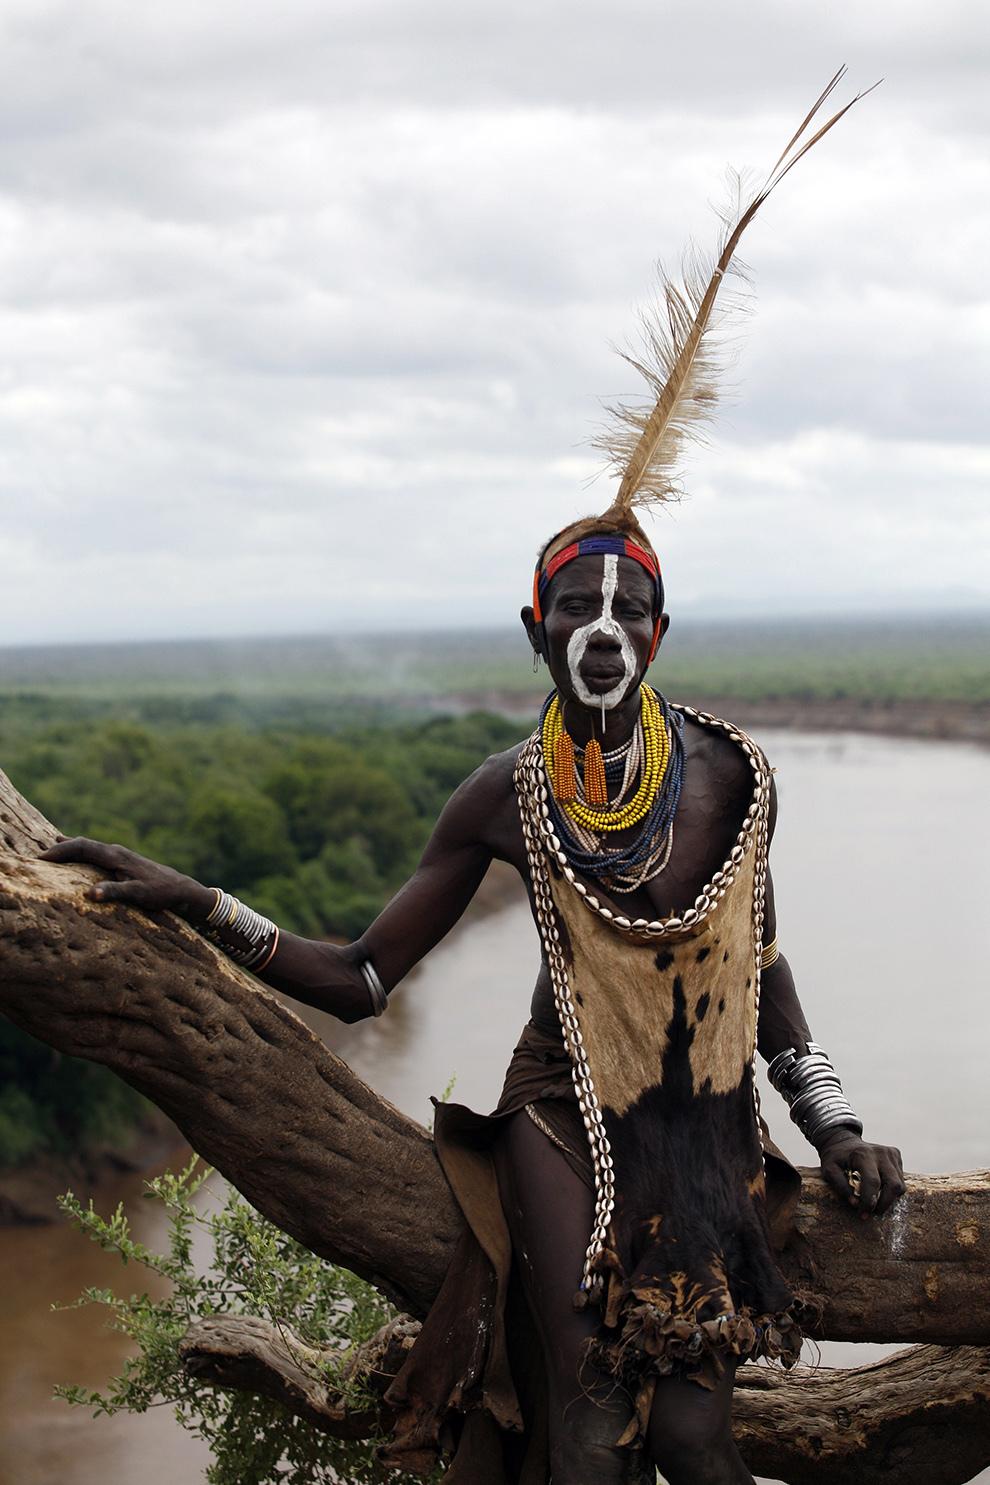 Femeie în vârstă din tribul Karo de pe Valea râului Omo din sudul Etiopiei pozează purtând podoabe şi decoraţiuni tradiţionale.